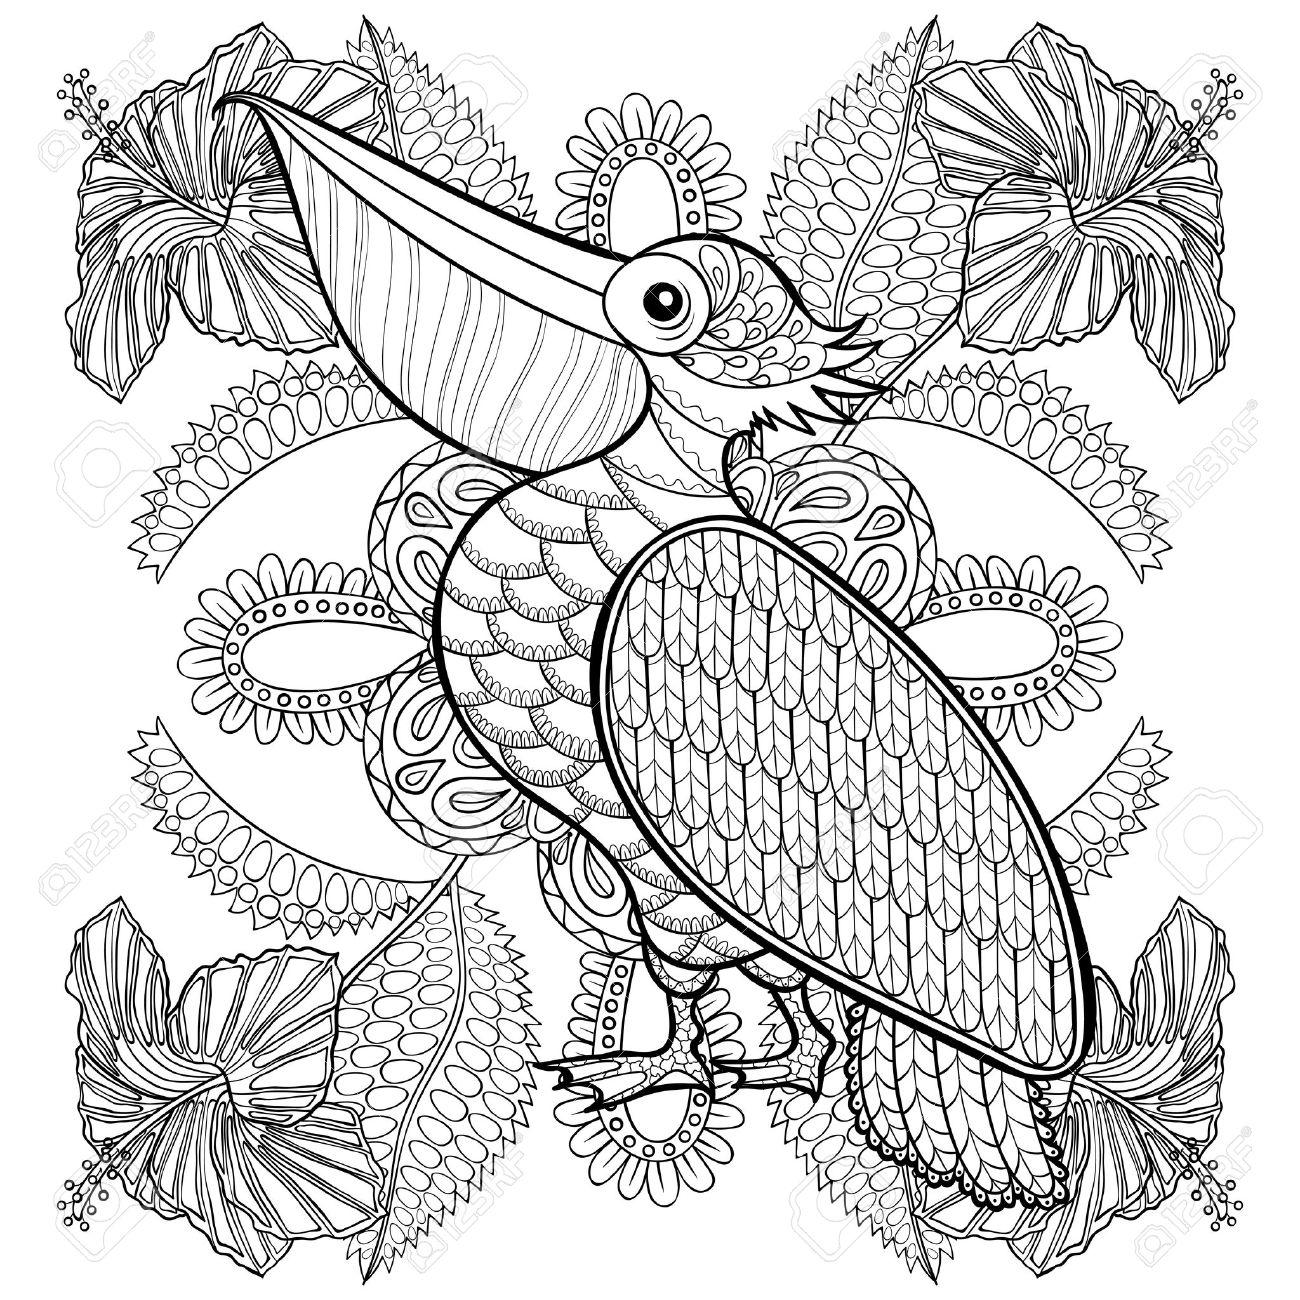 Malvorlage mit Pelikan in hibiskus Blumen, zentangle illustartion für  erwachsene Coloring Bücher oder Tätowierungen mit hohen Details auf weißem